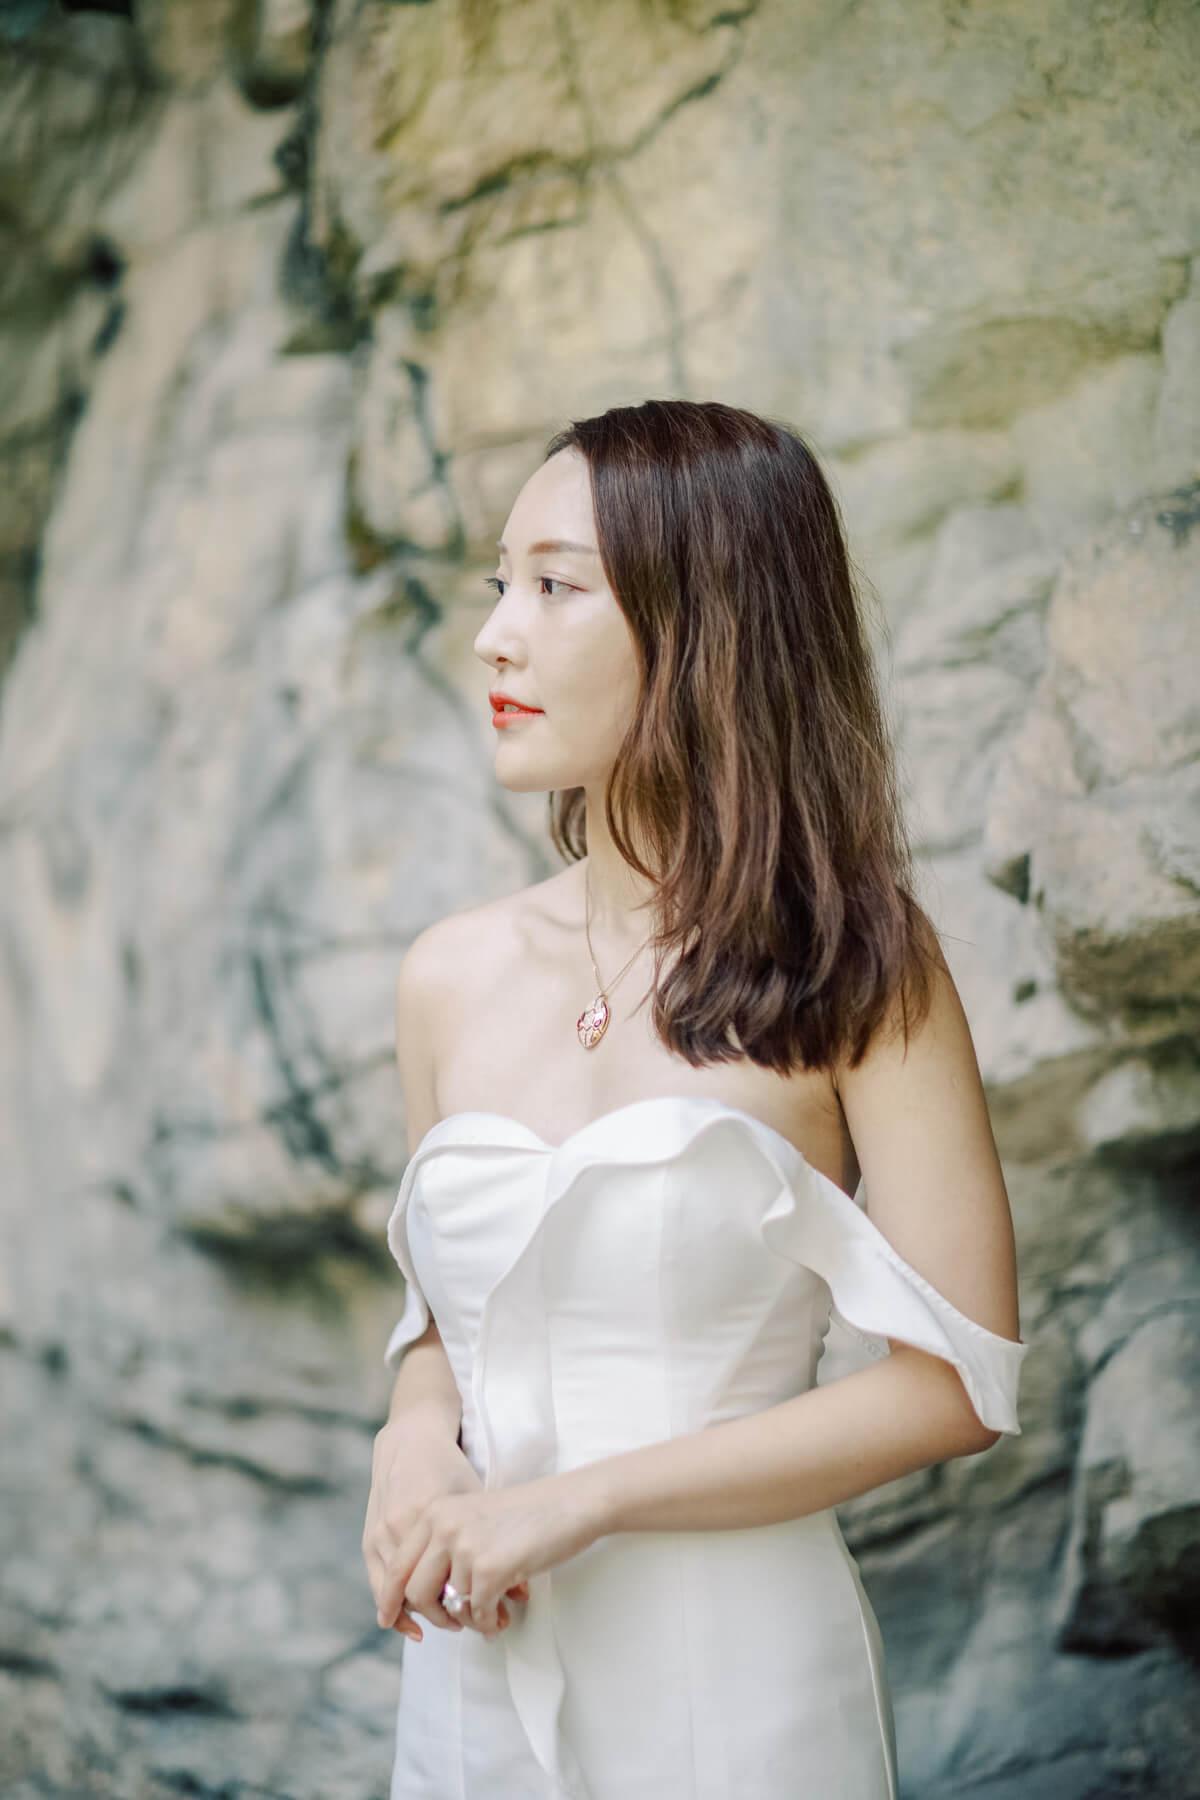 nikkiloveu-hongkong-civilwedding-cottontreedrive-tp-011.jpg